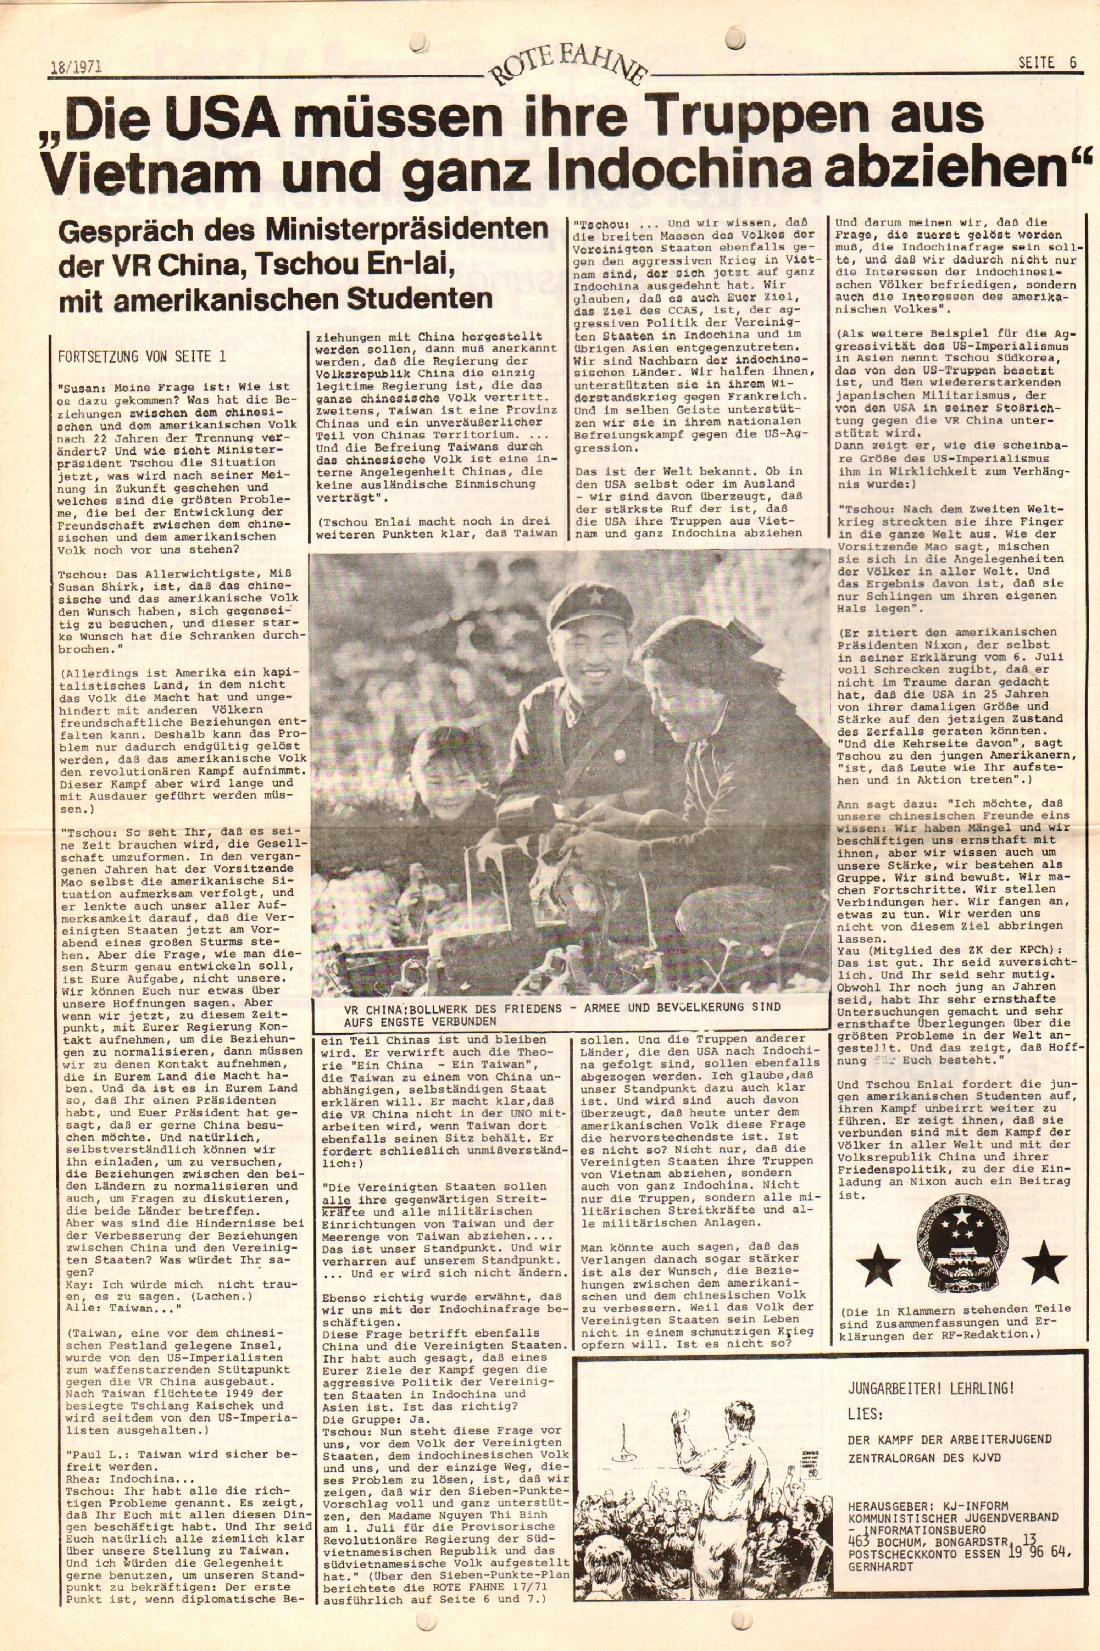 Rote Fahne, 2. Jg., 13.9.1971, Nr. 18, Seite 6